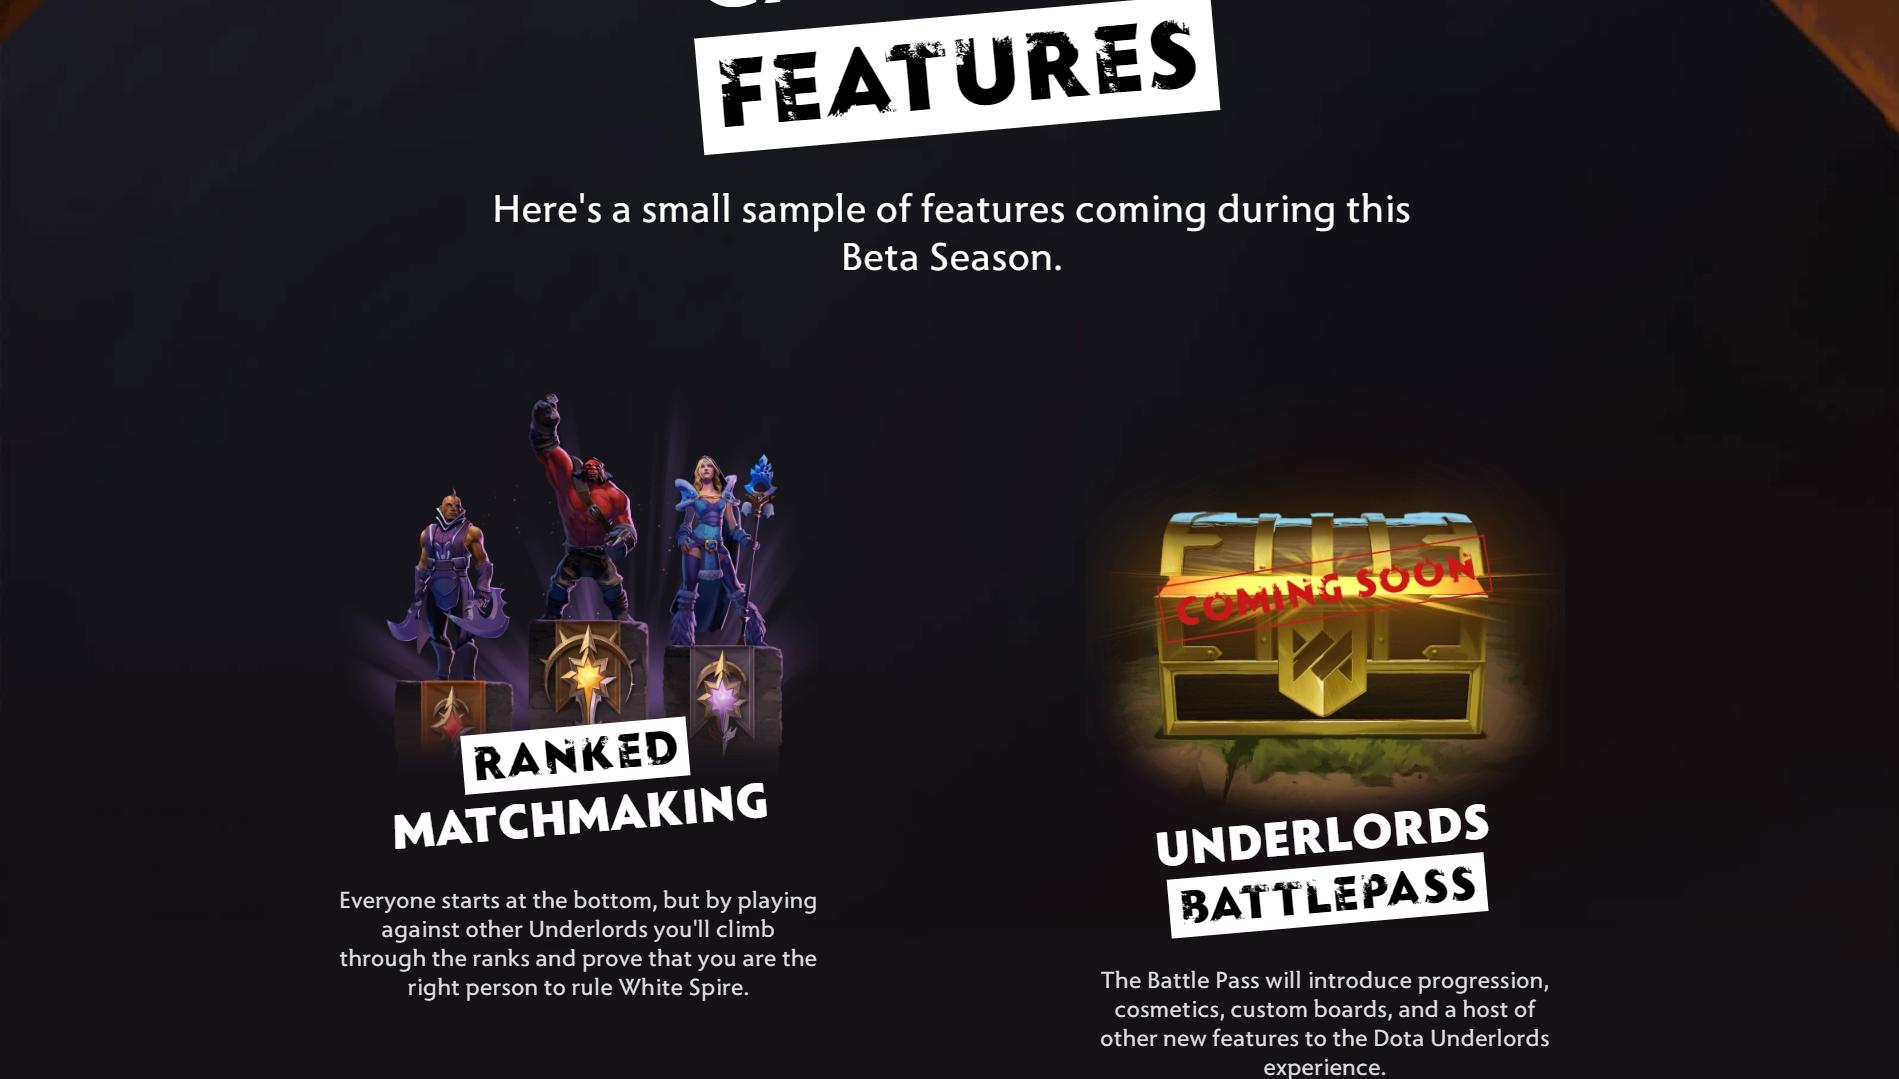 s3 - [Underlords] Hệ thống rank sắp được chỉnh sửa, sẽ reset toàn bộ rank hiện tại?